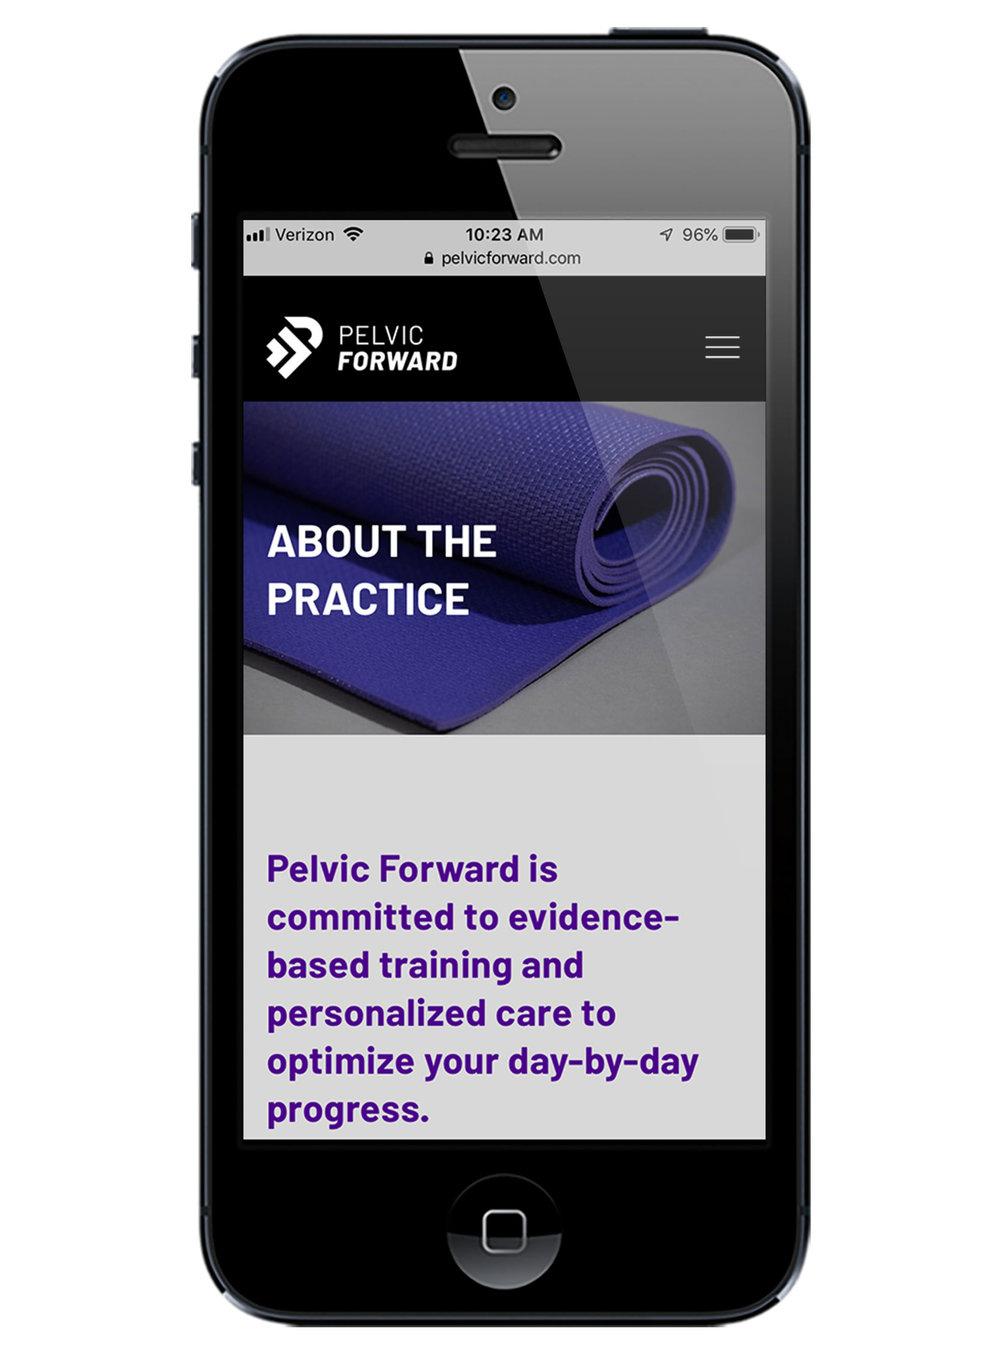 pelvic_forward_mobile_13.jpg